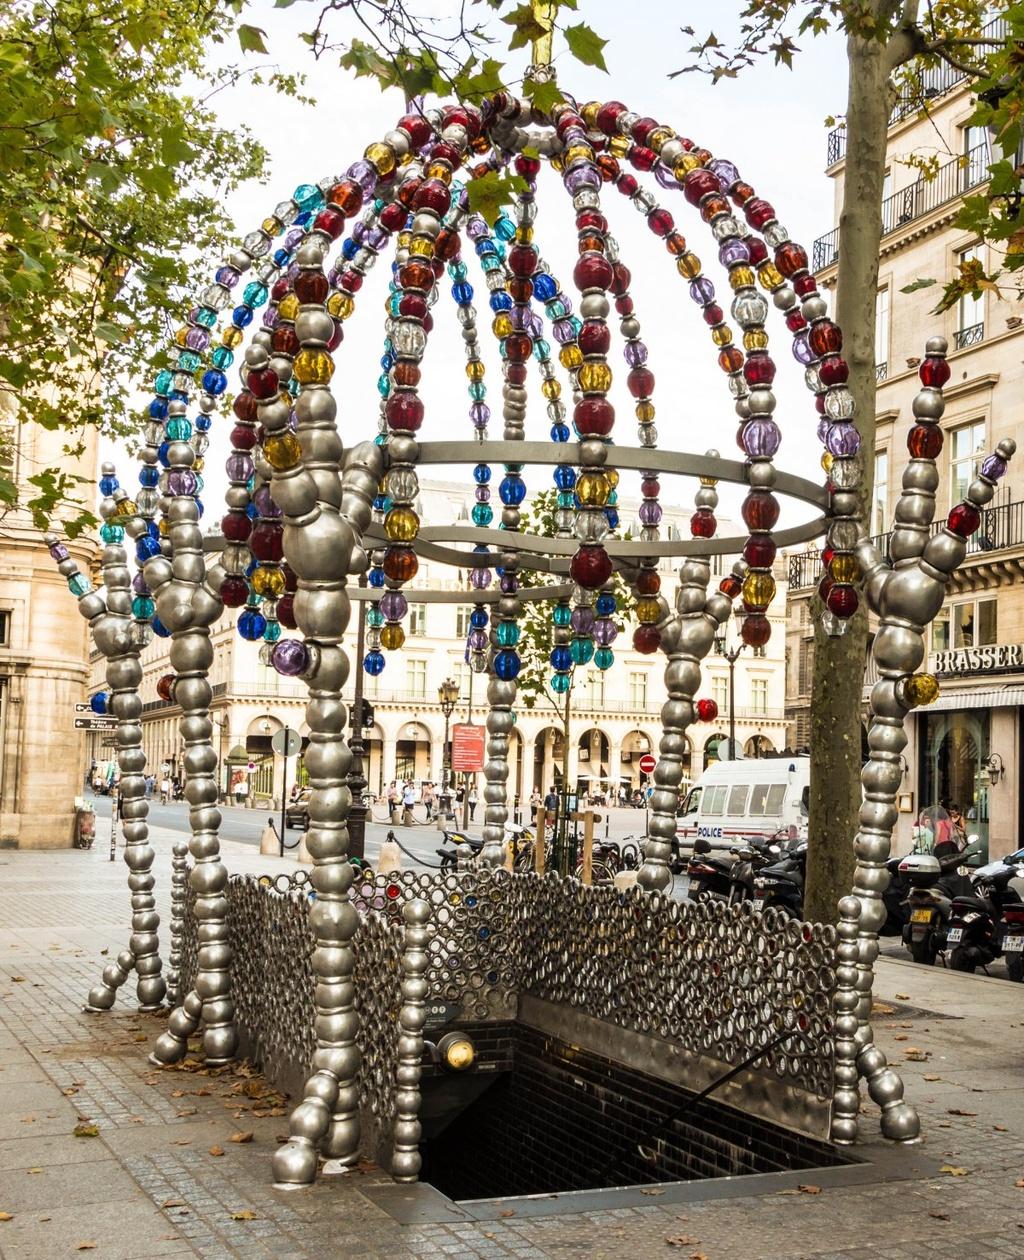 17 ga tau dien ngam long lay nhat the gioi hinh anh 16 Lối vào nhà ga Palais Royal ở bảo tàng Louvre, Paris, Pháp, treo đầy các tác phẩm của Jean-Michel Othoniel, kết hợp với các hạt màu tạo thành một thiết kế tuyệt đẹp.